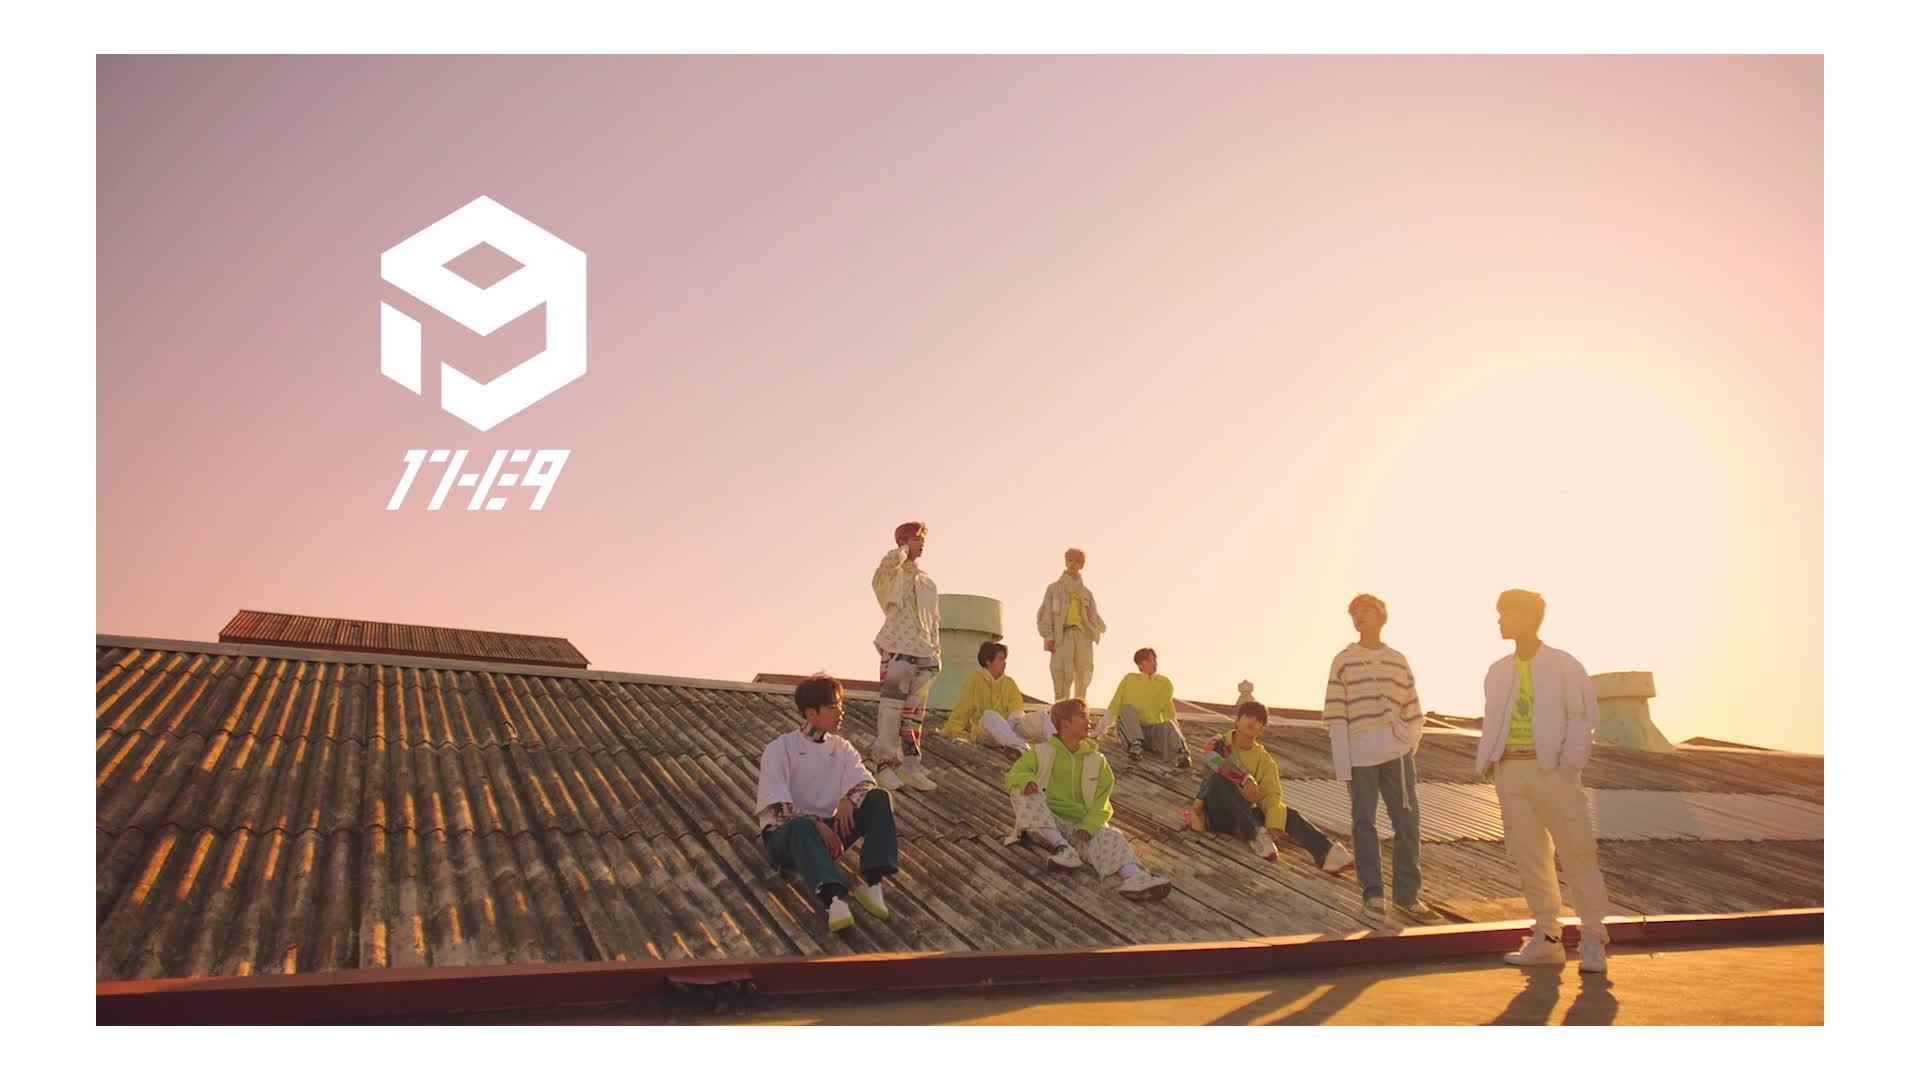 원더나인(1THE9) - Spotlight Teaser